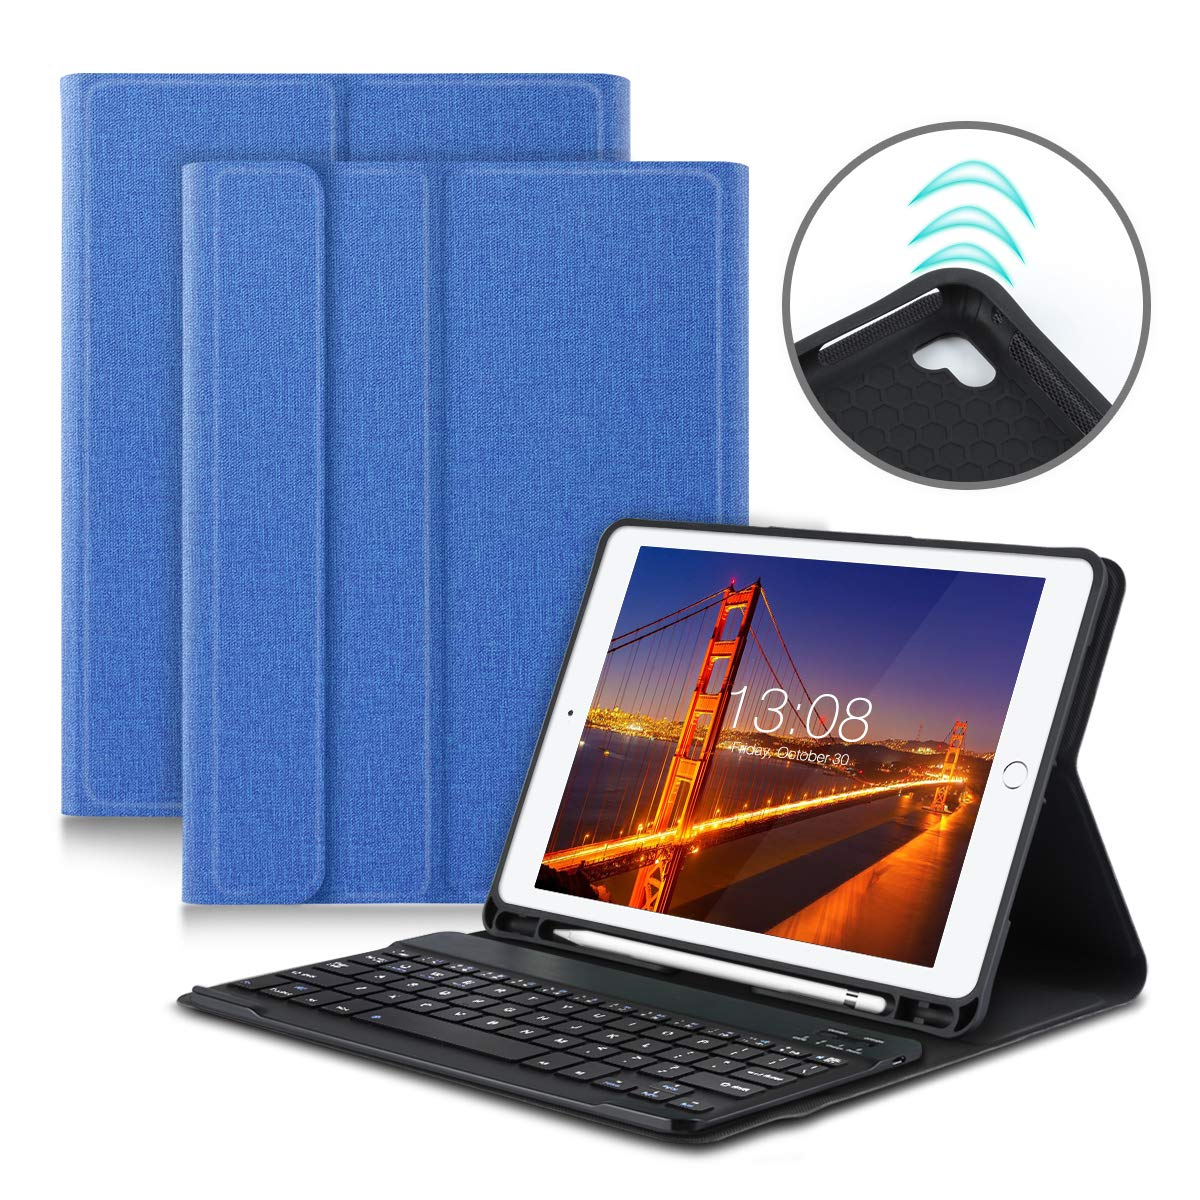 超人気新品 iPad 9.7キーボードケース iPad 2018(第6世代) - Pro B-BHU302814 iPad 2017(第5世代) - iPad スリム Pro 9.7- iPad Air 2 1 スリム 取り外し可能 Bluetooth キーボード フォリオスタンド付き マルチアングルビューカバー ペンシルホルダー ブルー B-BHU302814 ブルー B07L3THGH8, サンデーハウス:ce2ebbfb --- a0267596.xsph.ru